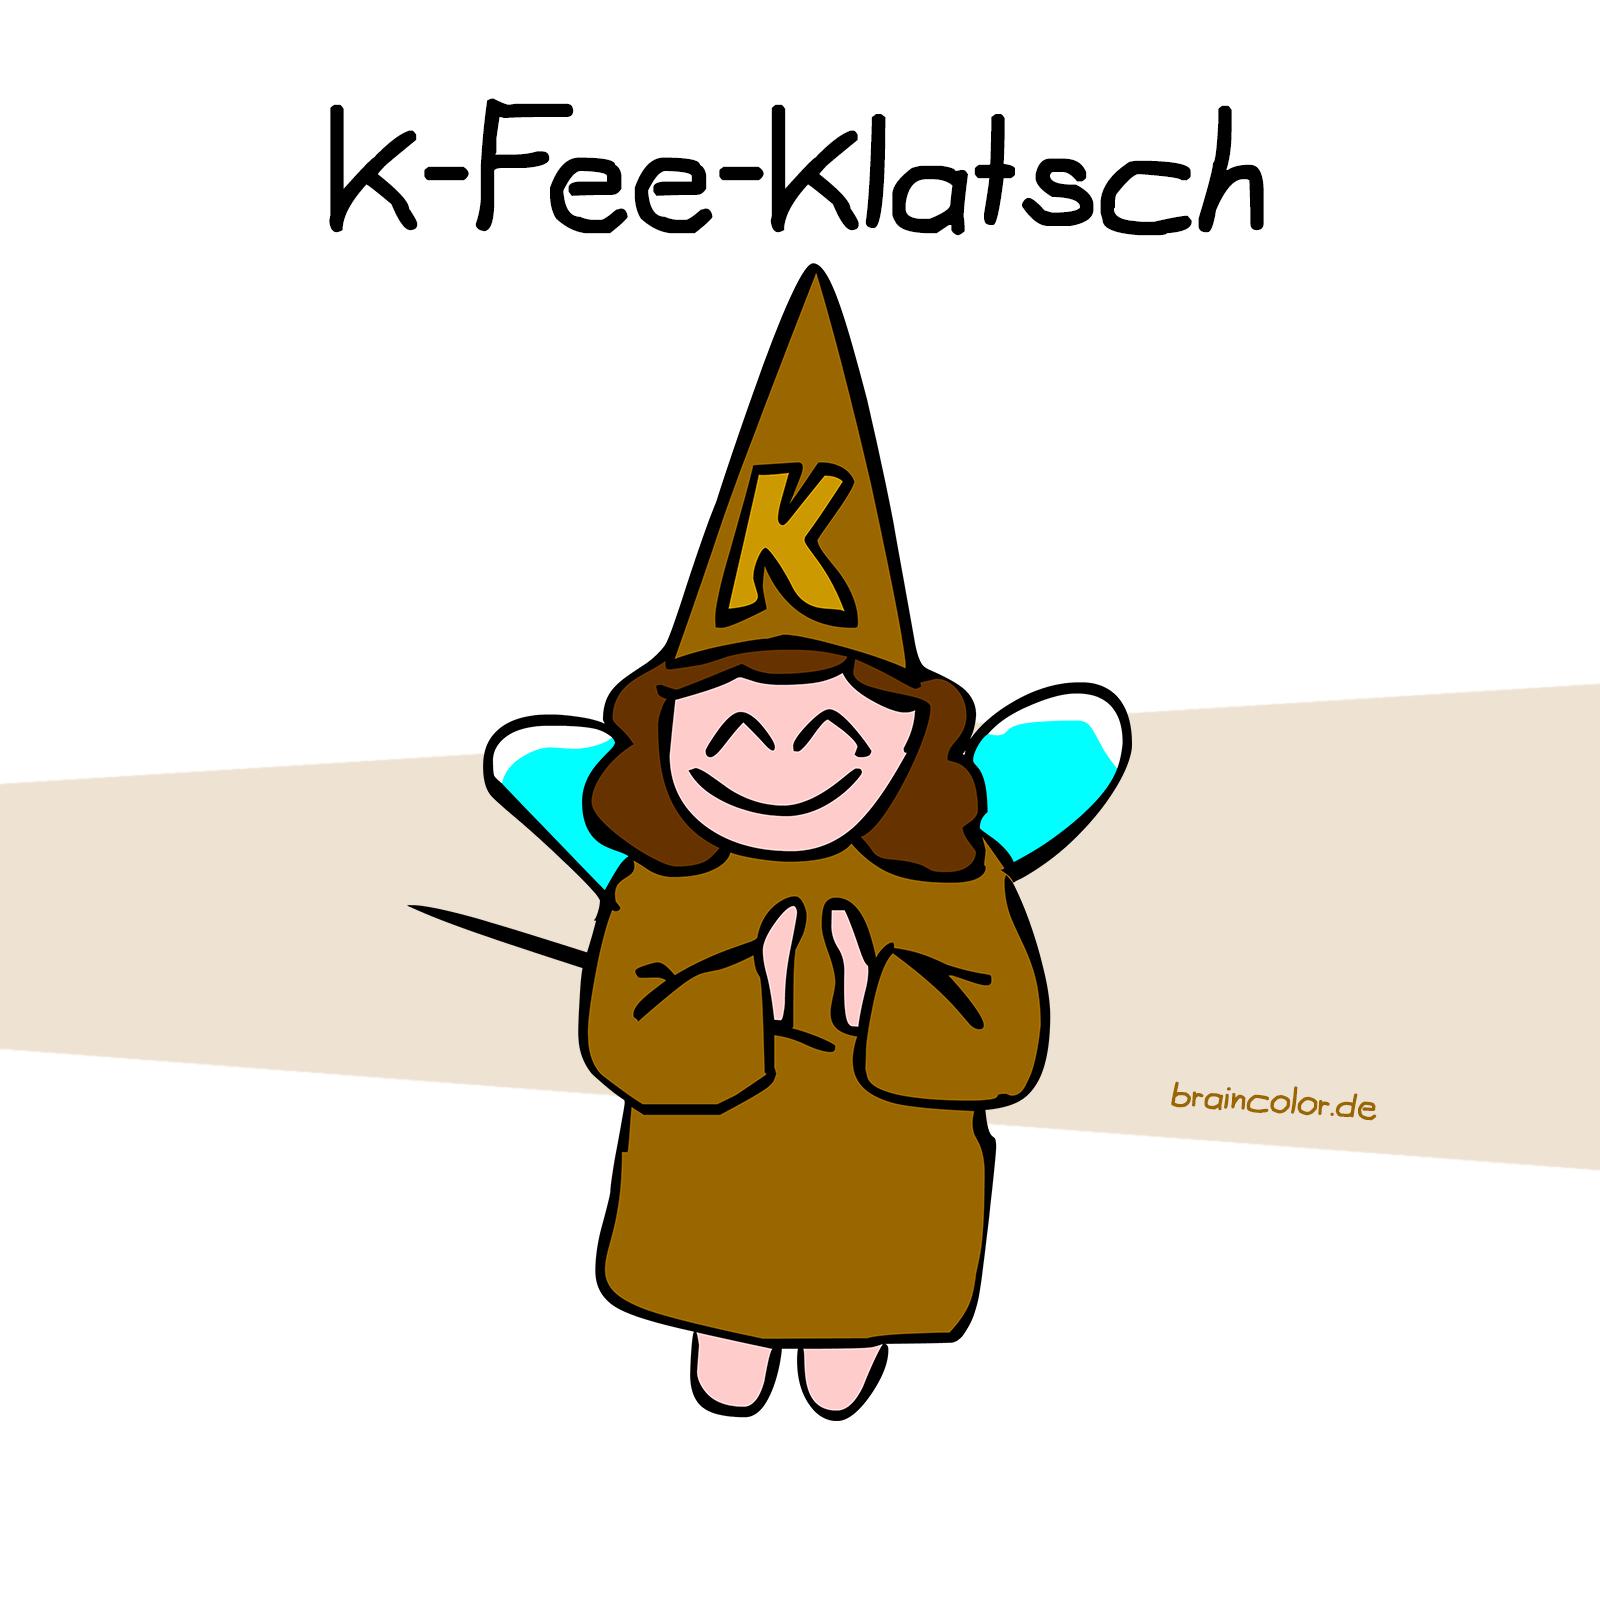 K-Fee-Klatsch